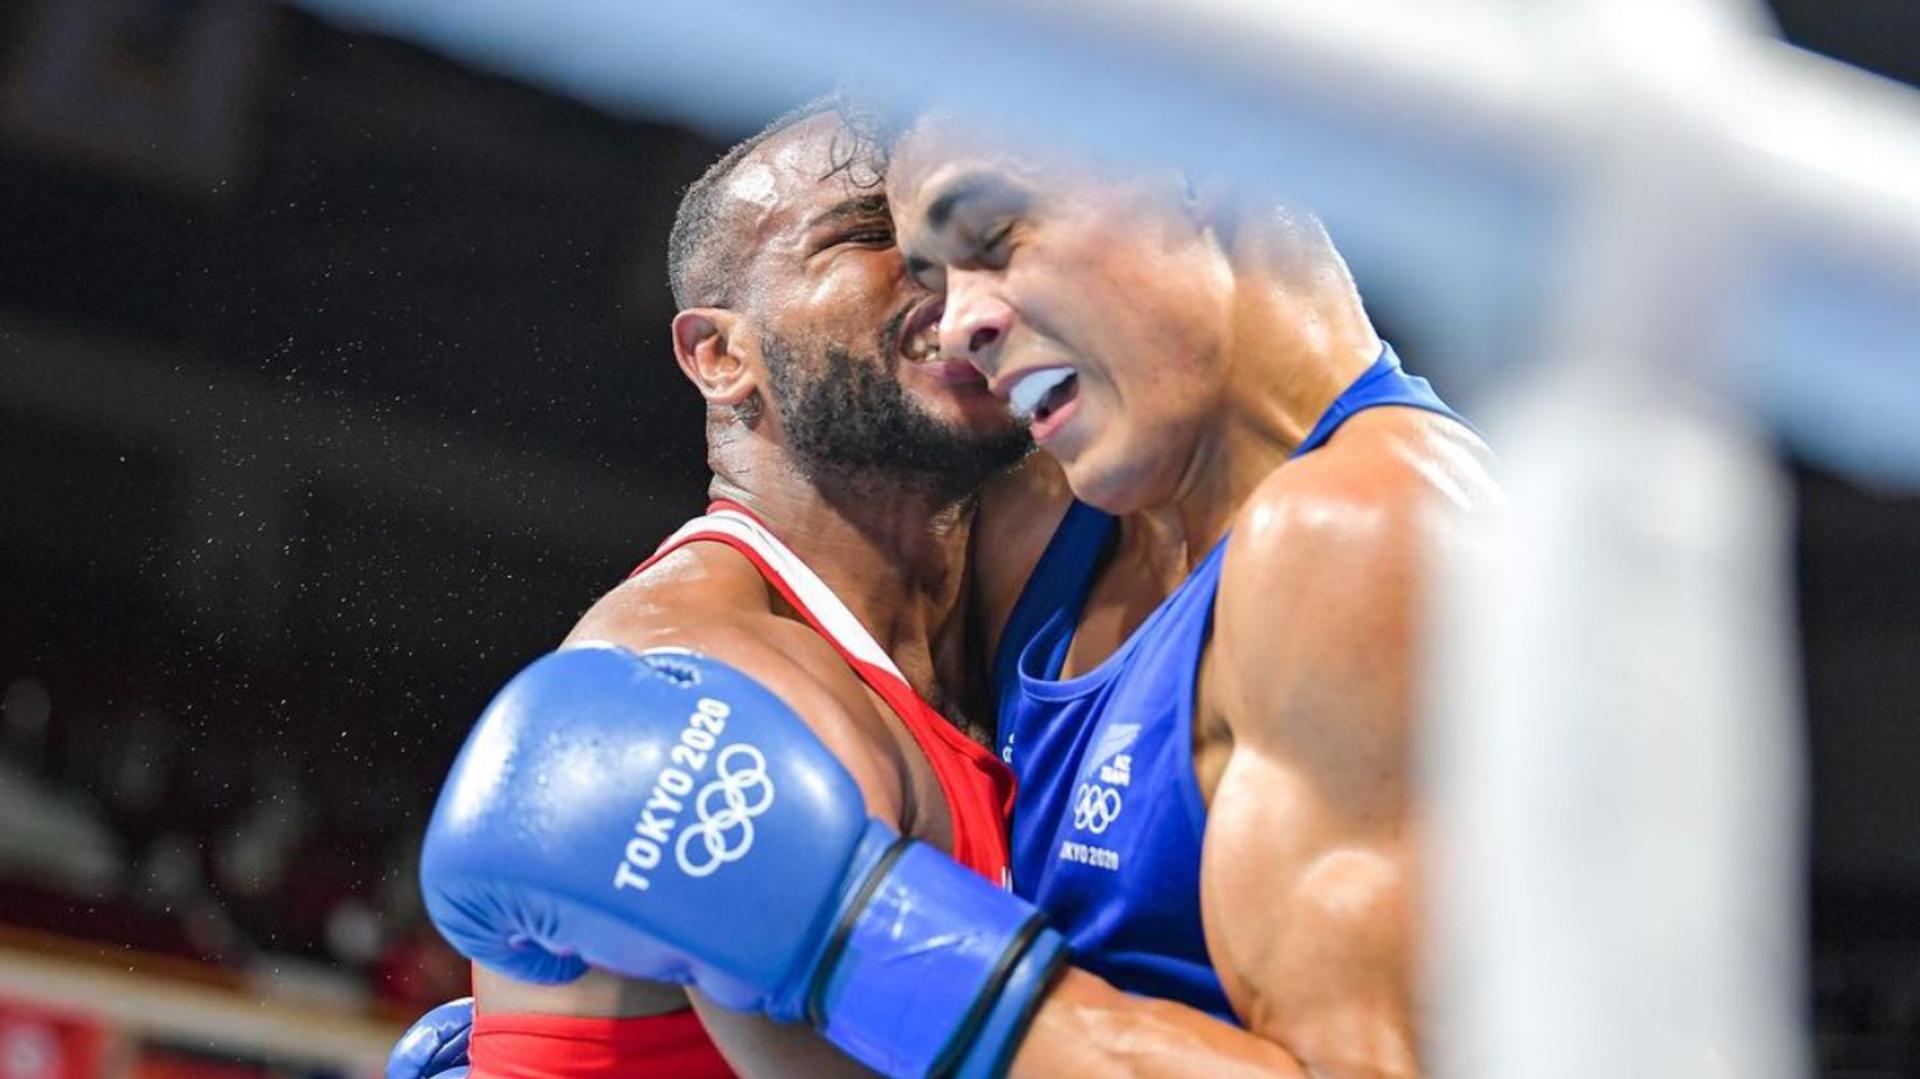 Los boxeadores Youness Baalla y David Nyika - Sputnik Mundo, 1920, 27.07.2021